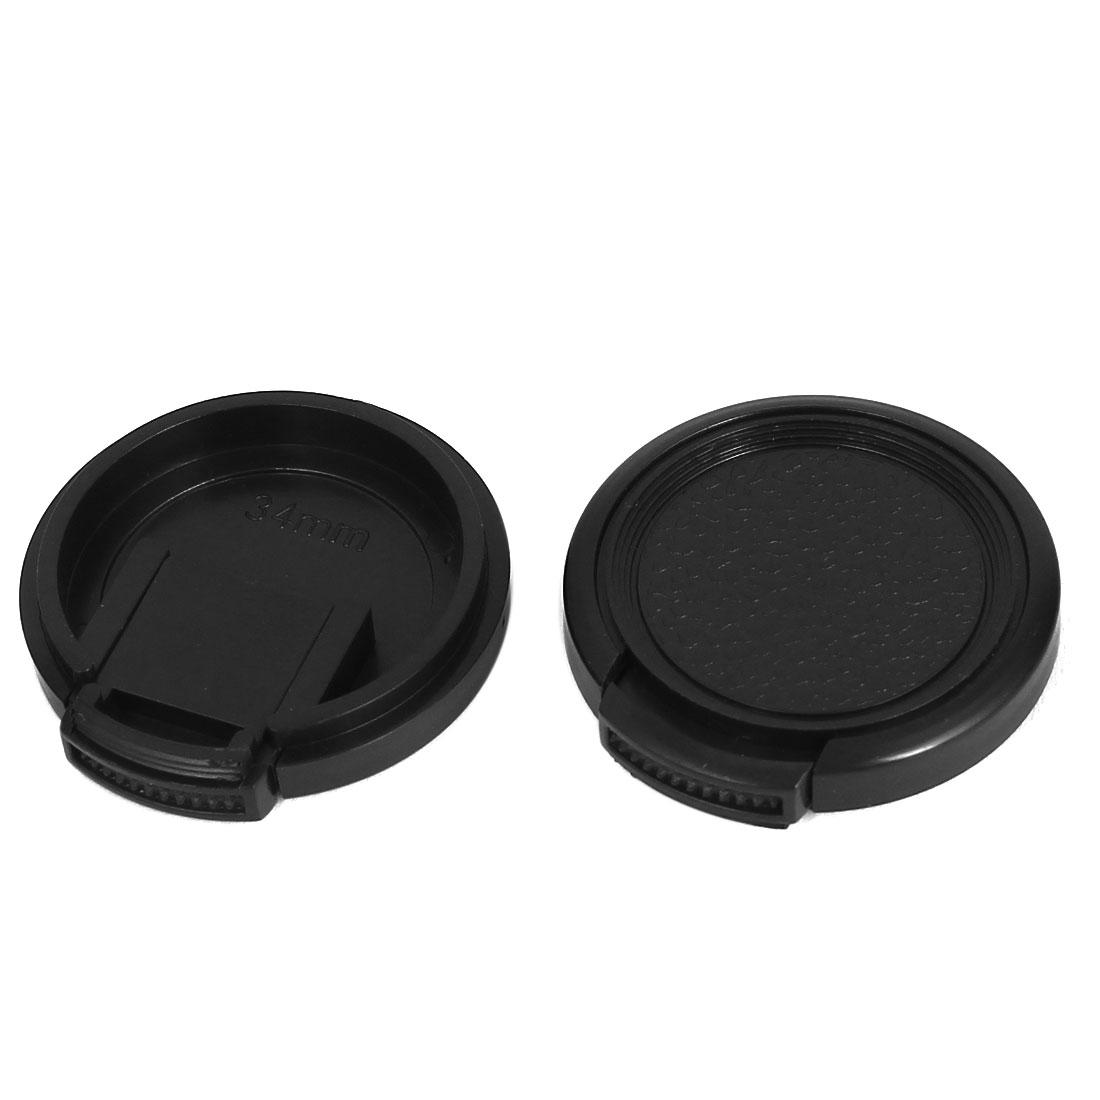 34mm Dia Vintage Style Plastic Front Snap Digital Camera Lens Cap Protector 2Pcs